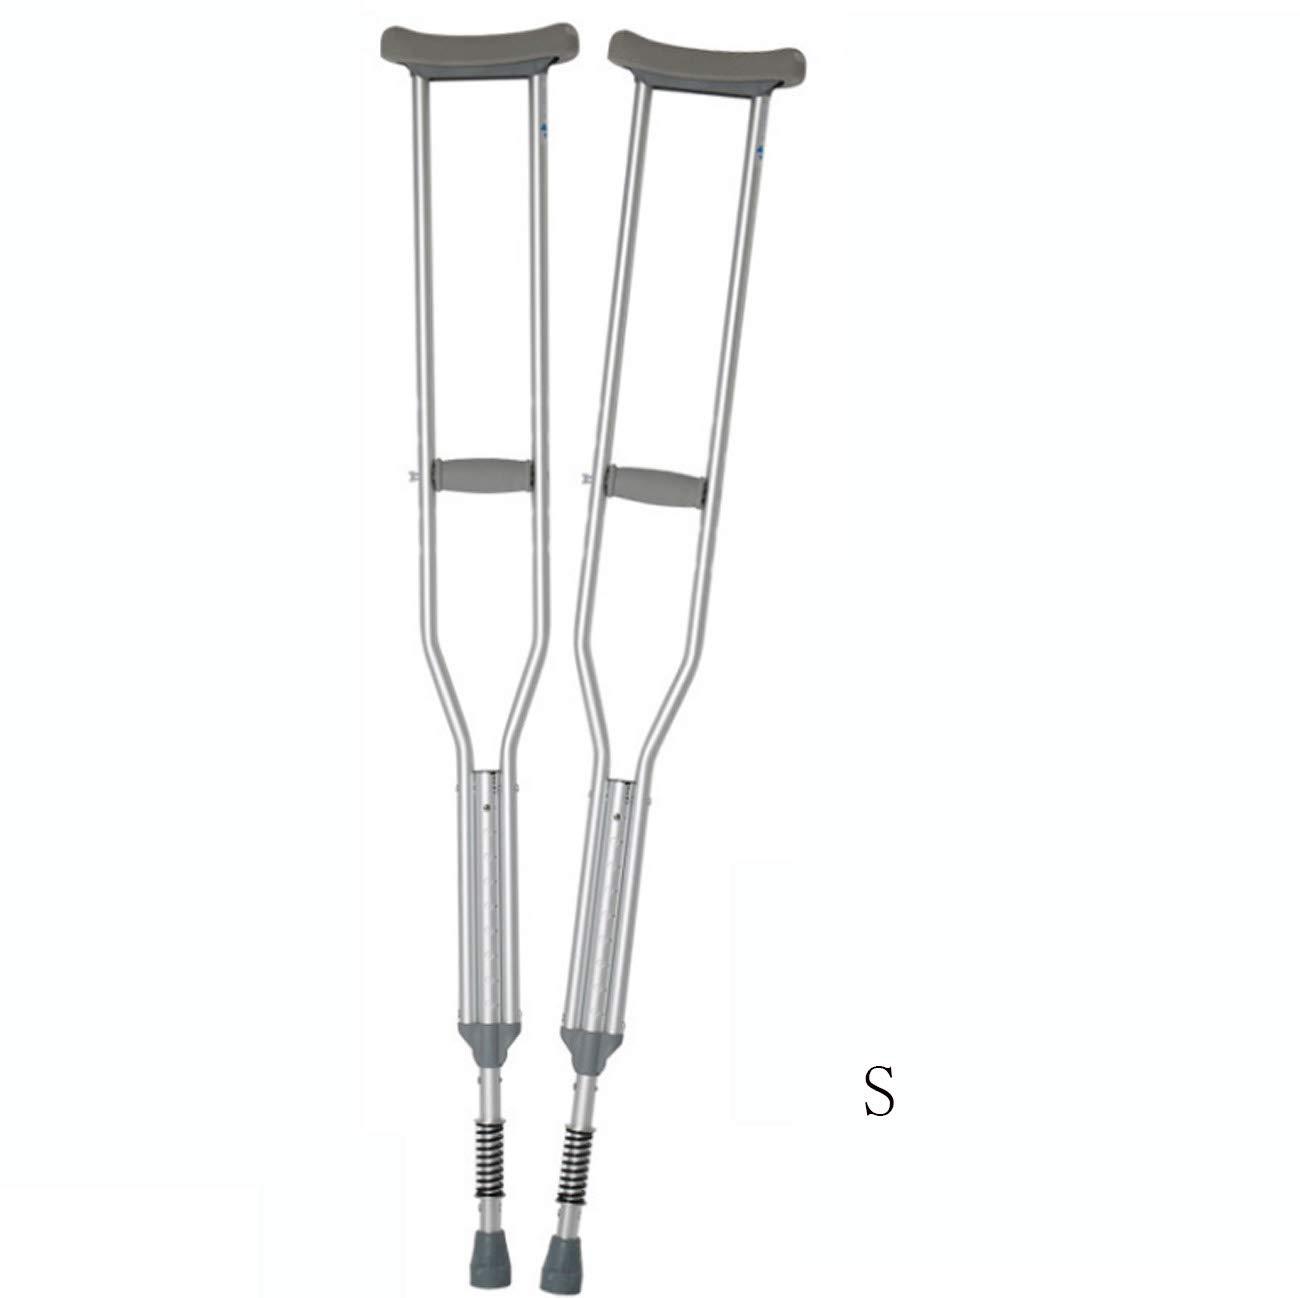 【お買得】 スプリングダンピング装置を備えた1対の脇の下の松葉杖、障害者のためのリハビリウォーカー Large B07G86JV14 B07G86JV14 Large, 看板ショッピングセンター:626c0ff2 --- a0267596.xsph.ru